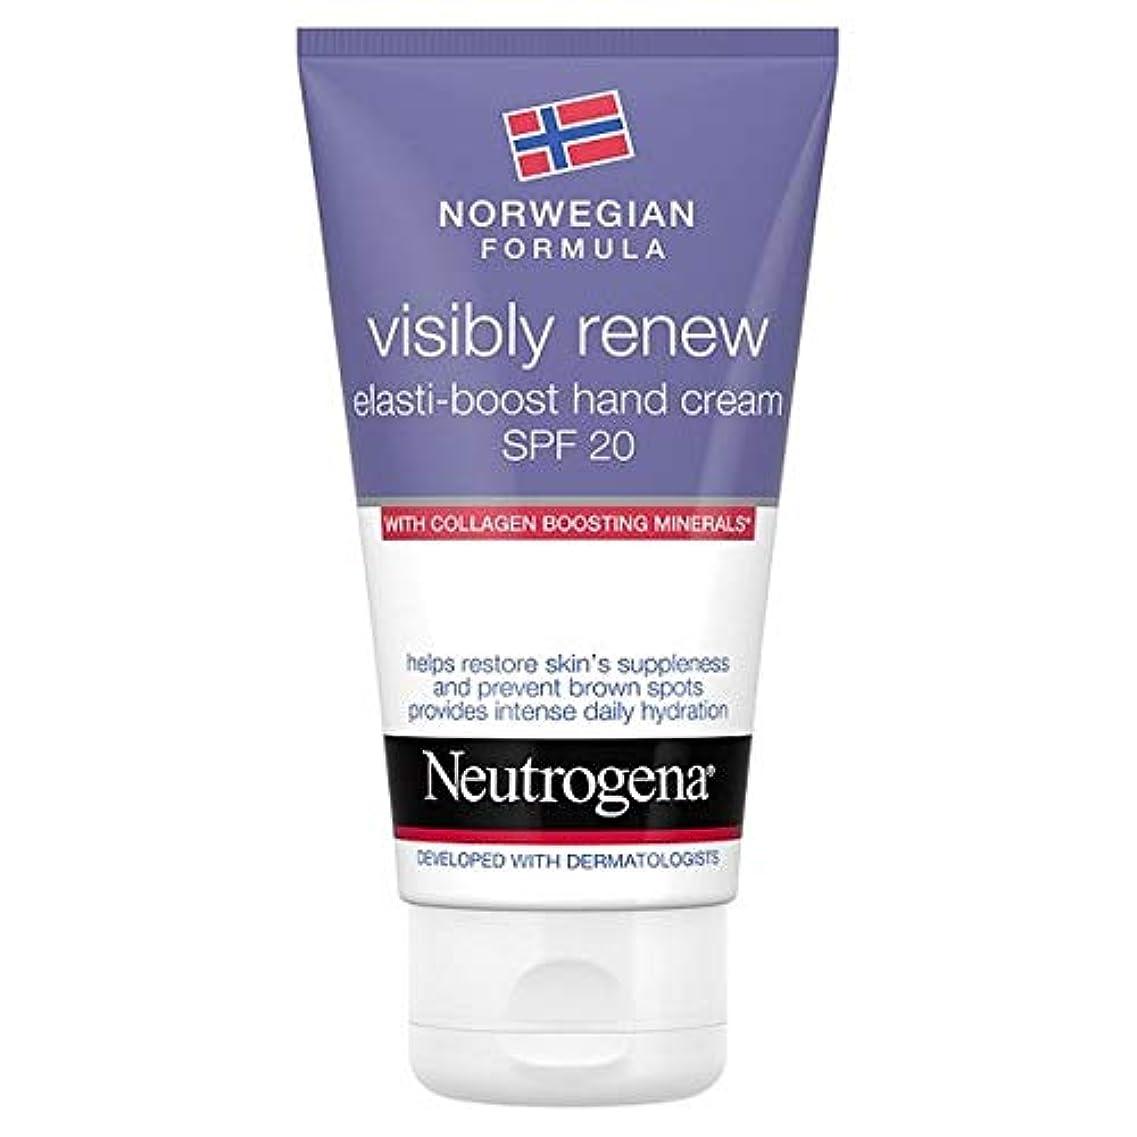 数学者謙虚履歴書[Neutrogena] ニュートロジーナノルウェー式は目に見えてハンドクリームを75ミリリットルを更新します - Neutrogena Norwegian Formula Visibly Renew Hand Cream...